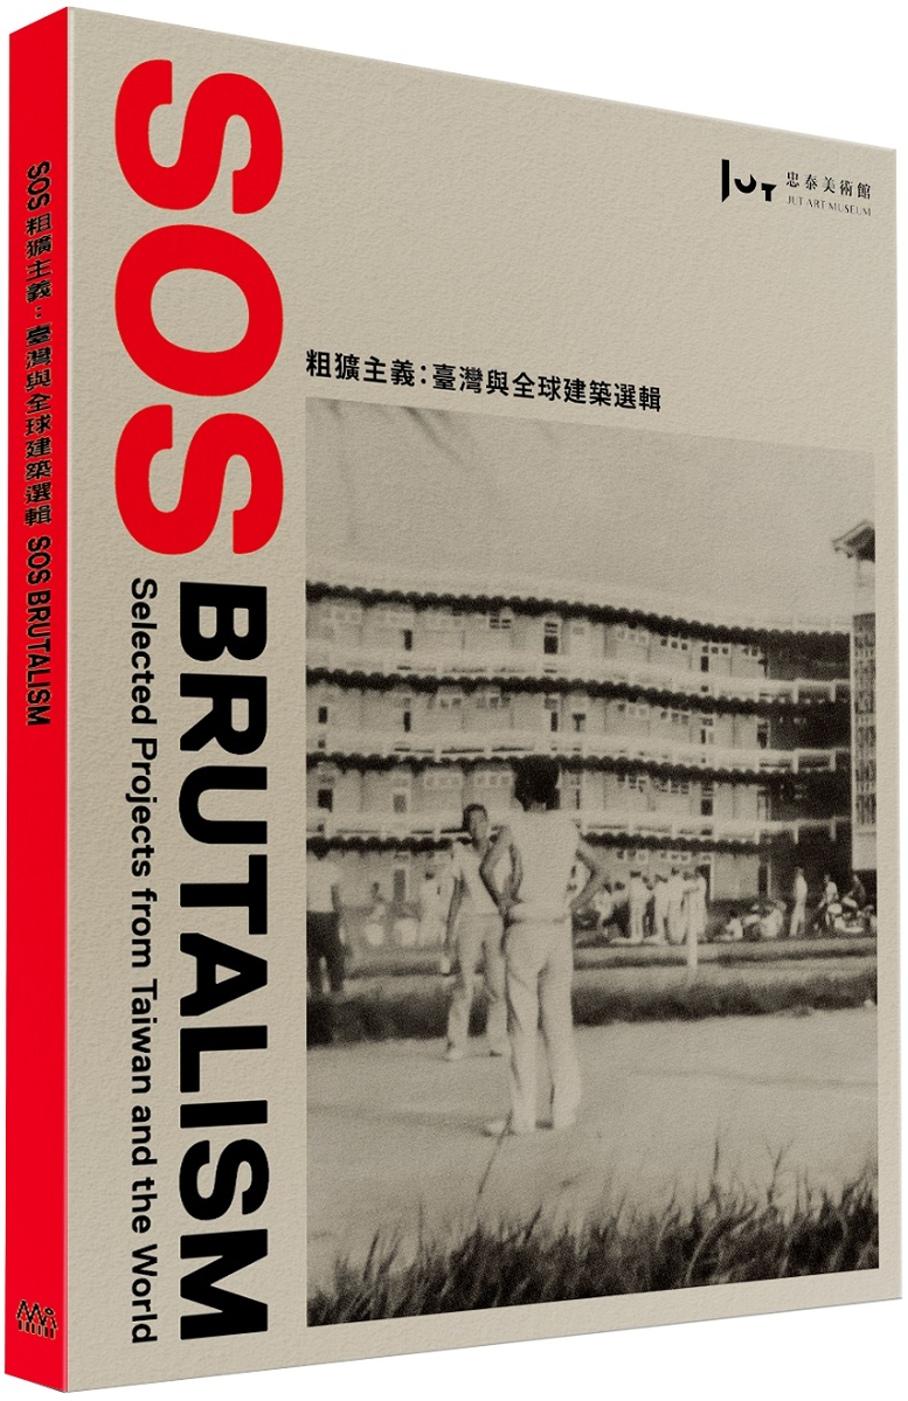 SOS 粗獷主義:臺灣與全球建...